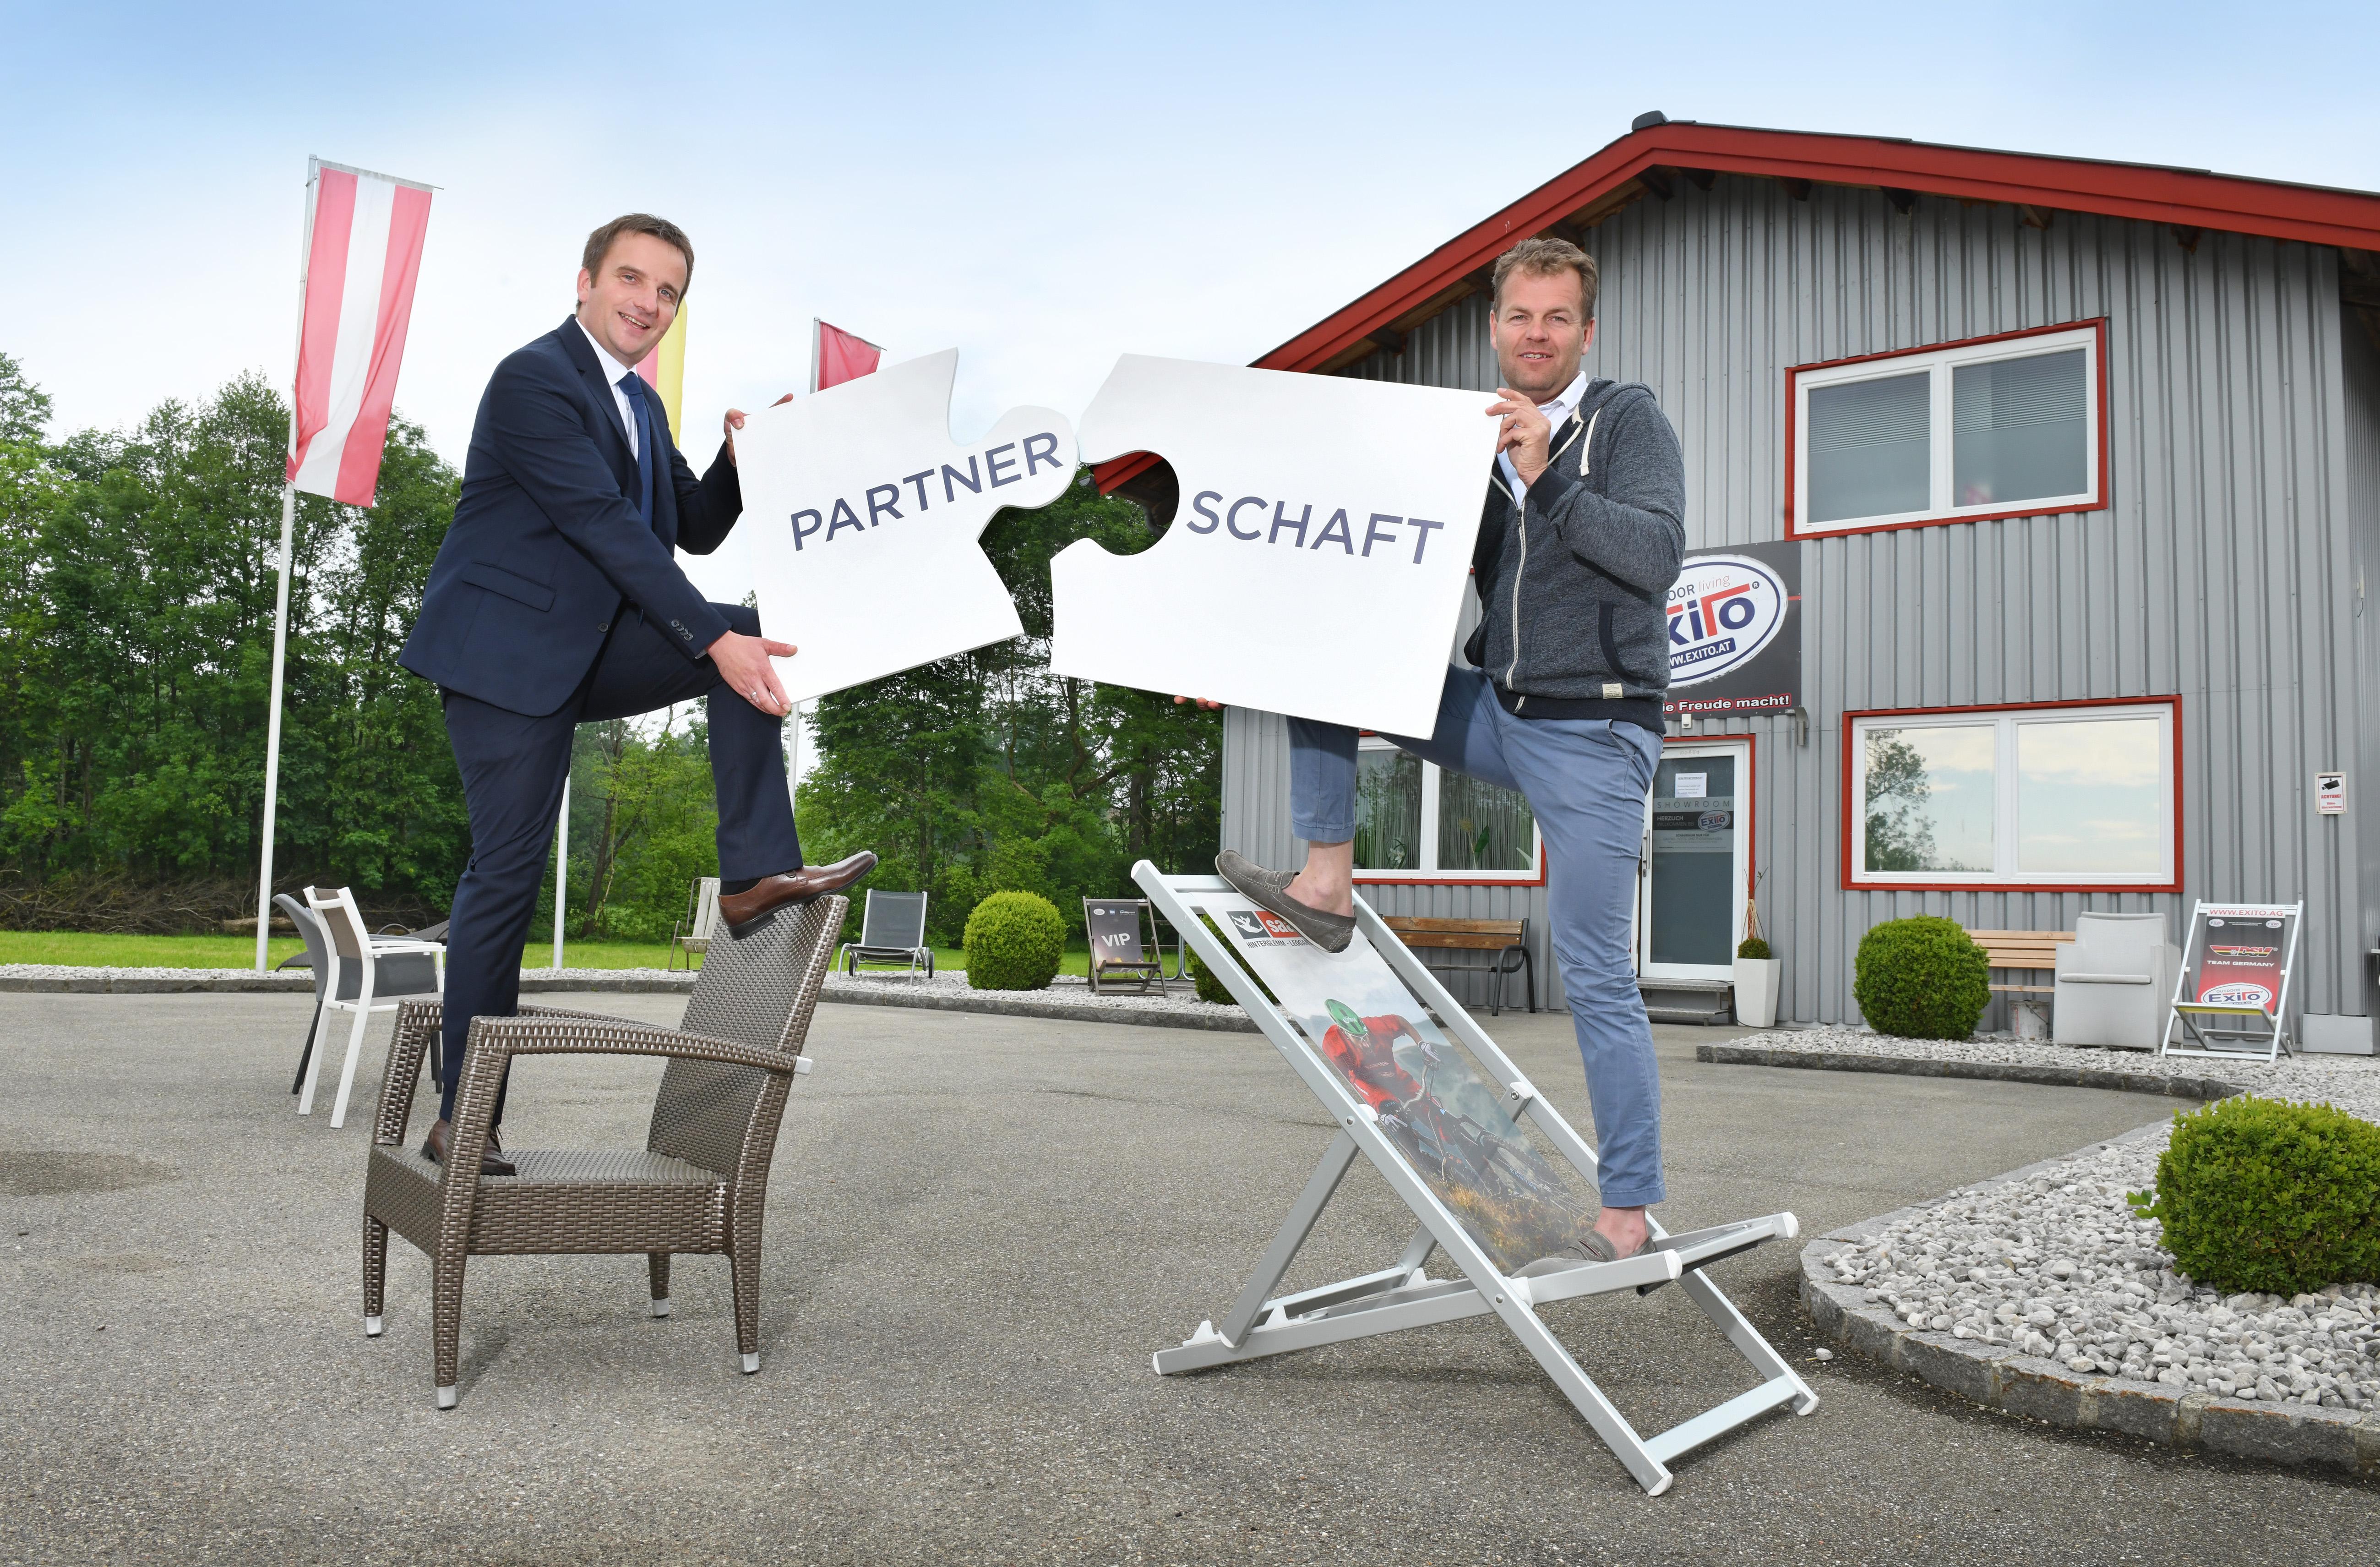 Rudolf Schreder, Gründer der Firma Exito, wird von VKB-Firmenkundenbetreuer Hans-Peter Staudinger gut beraten.